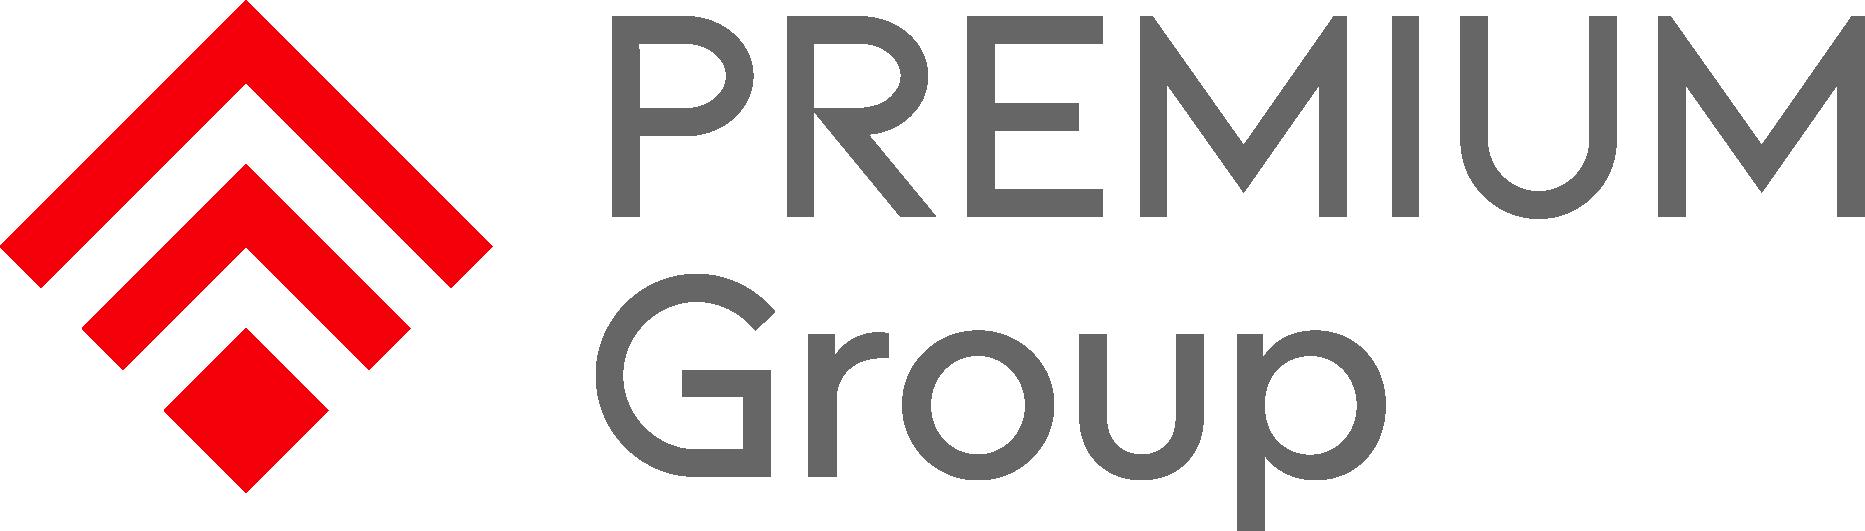 Premium Group